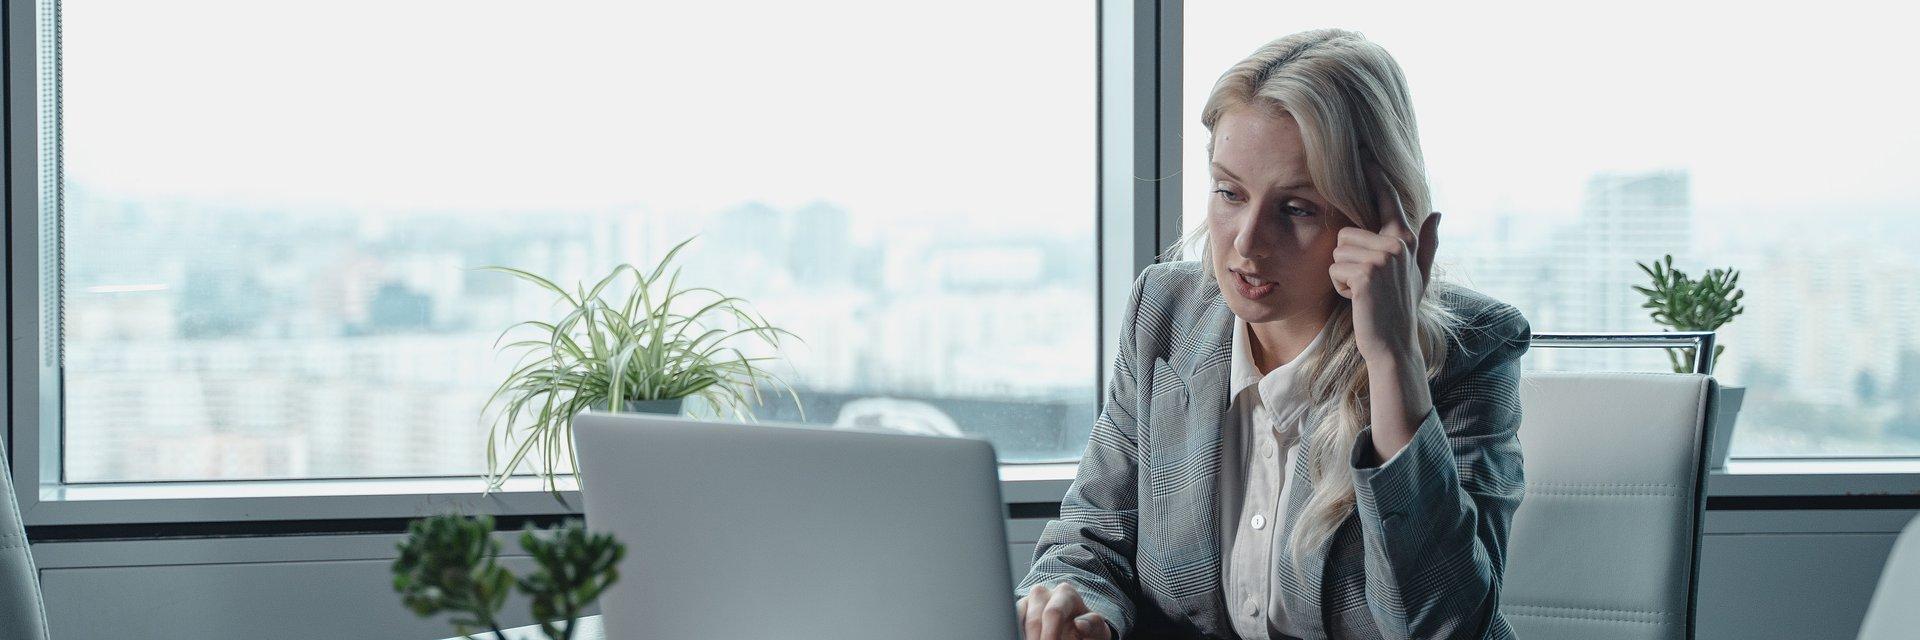 Jak w świecie biznesu i IT radzą sobie kobiety? Biznes nie ma płci – liczą się kompetencje